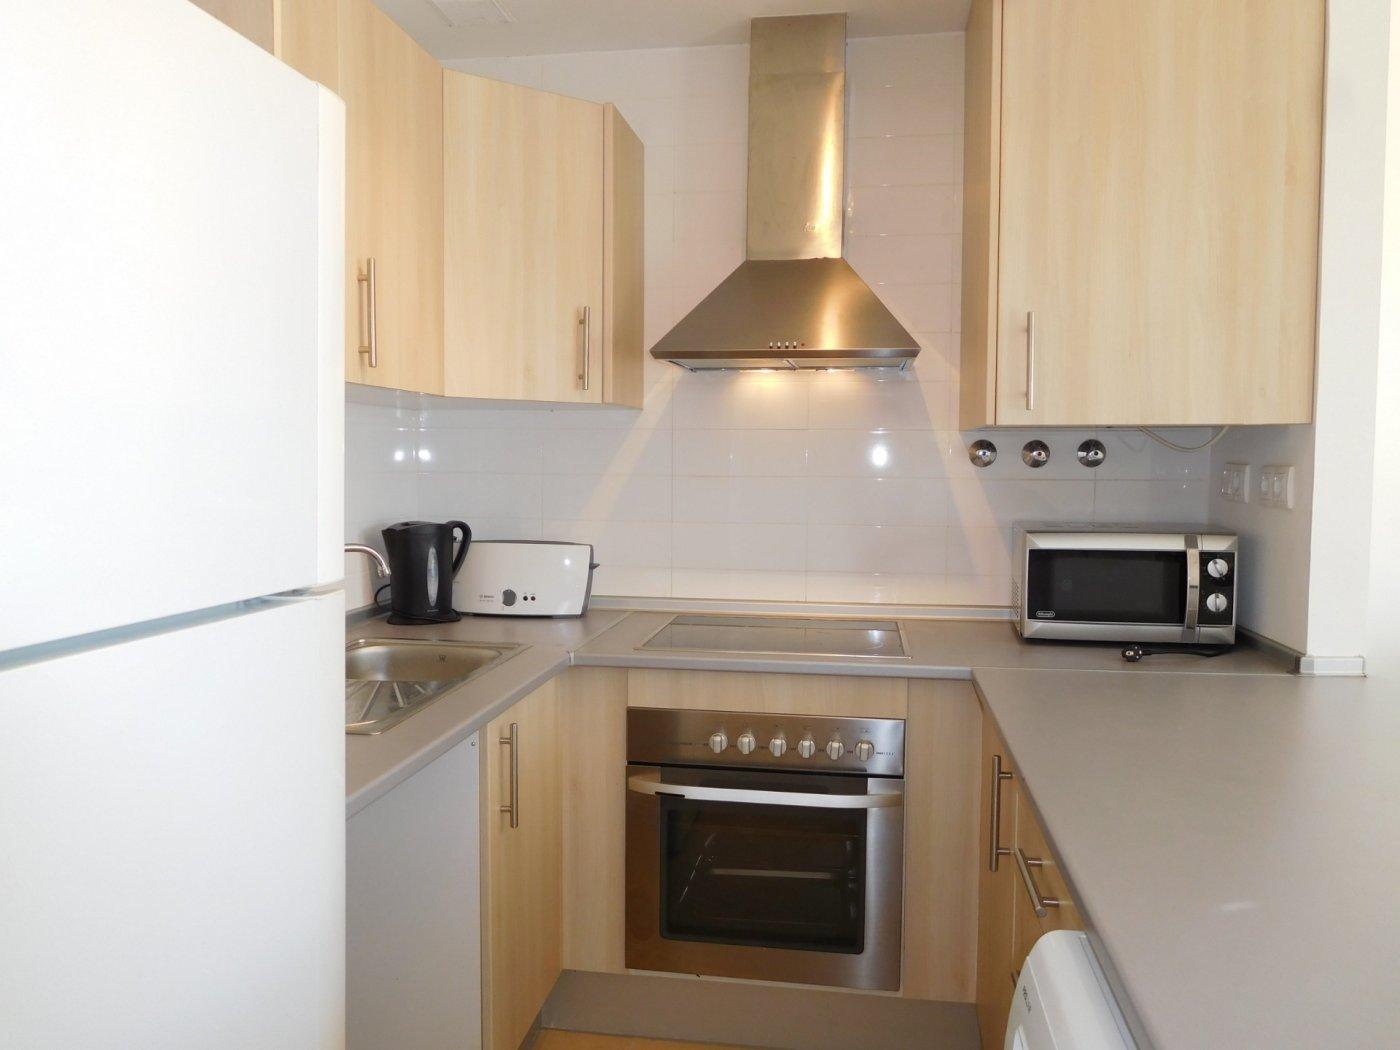 Image 1 Apartment ref 2804 for rent in Condado De Alhama Spain - Quality Homes Costa Cálida